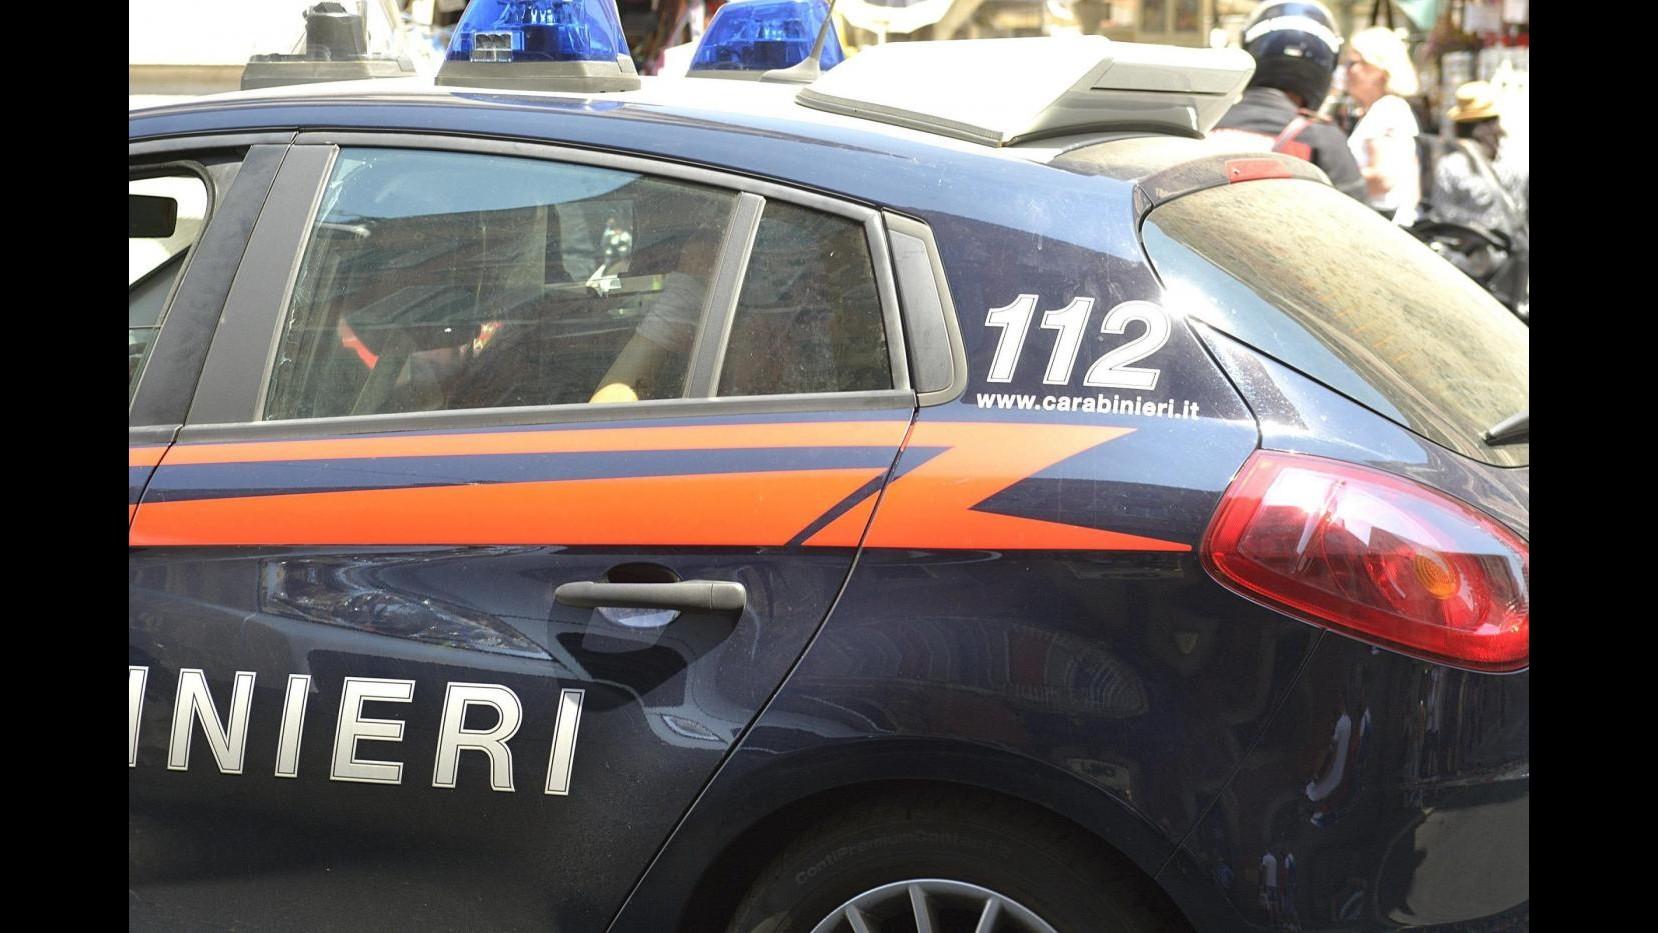 Milano, arrestato badante 36enne: sottratti 3mila euro a un'anziana